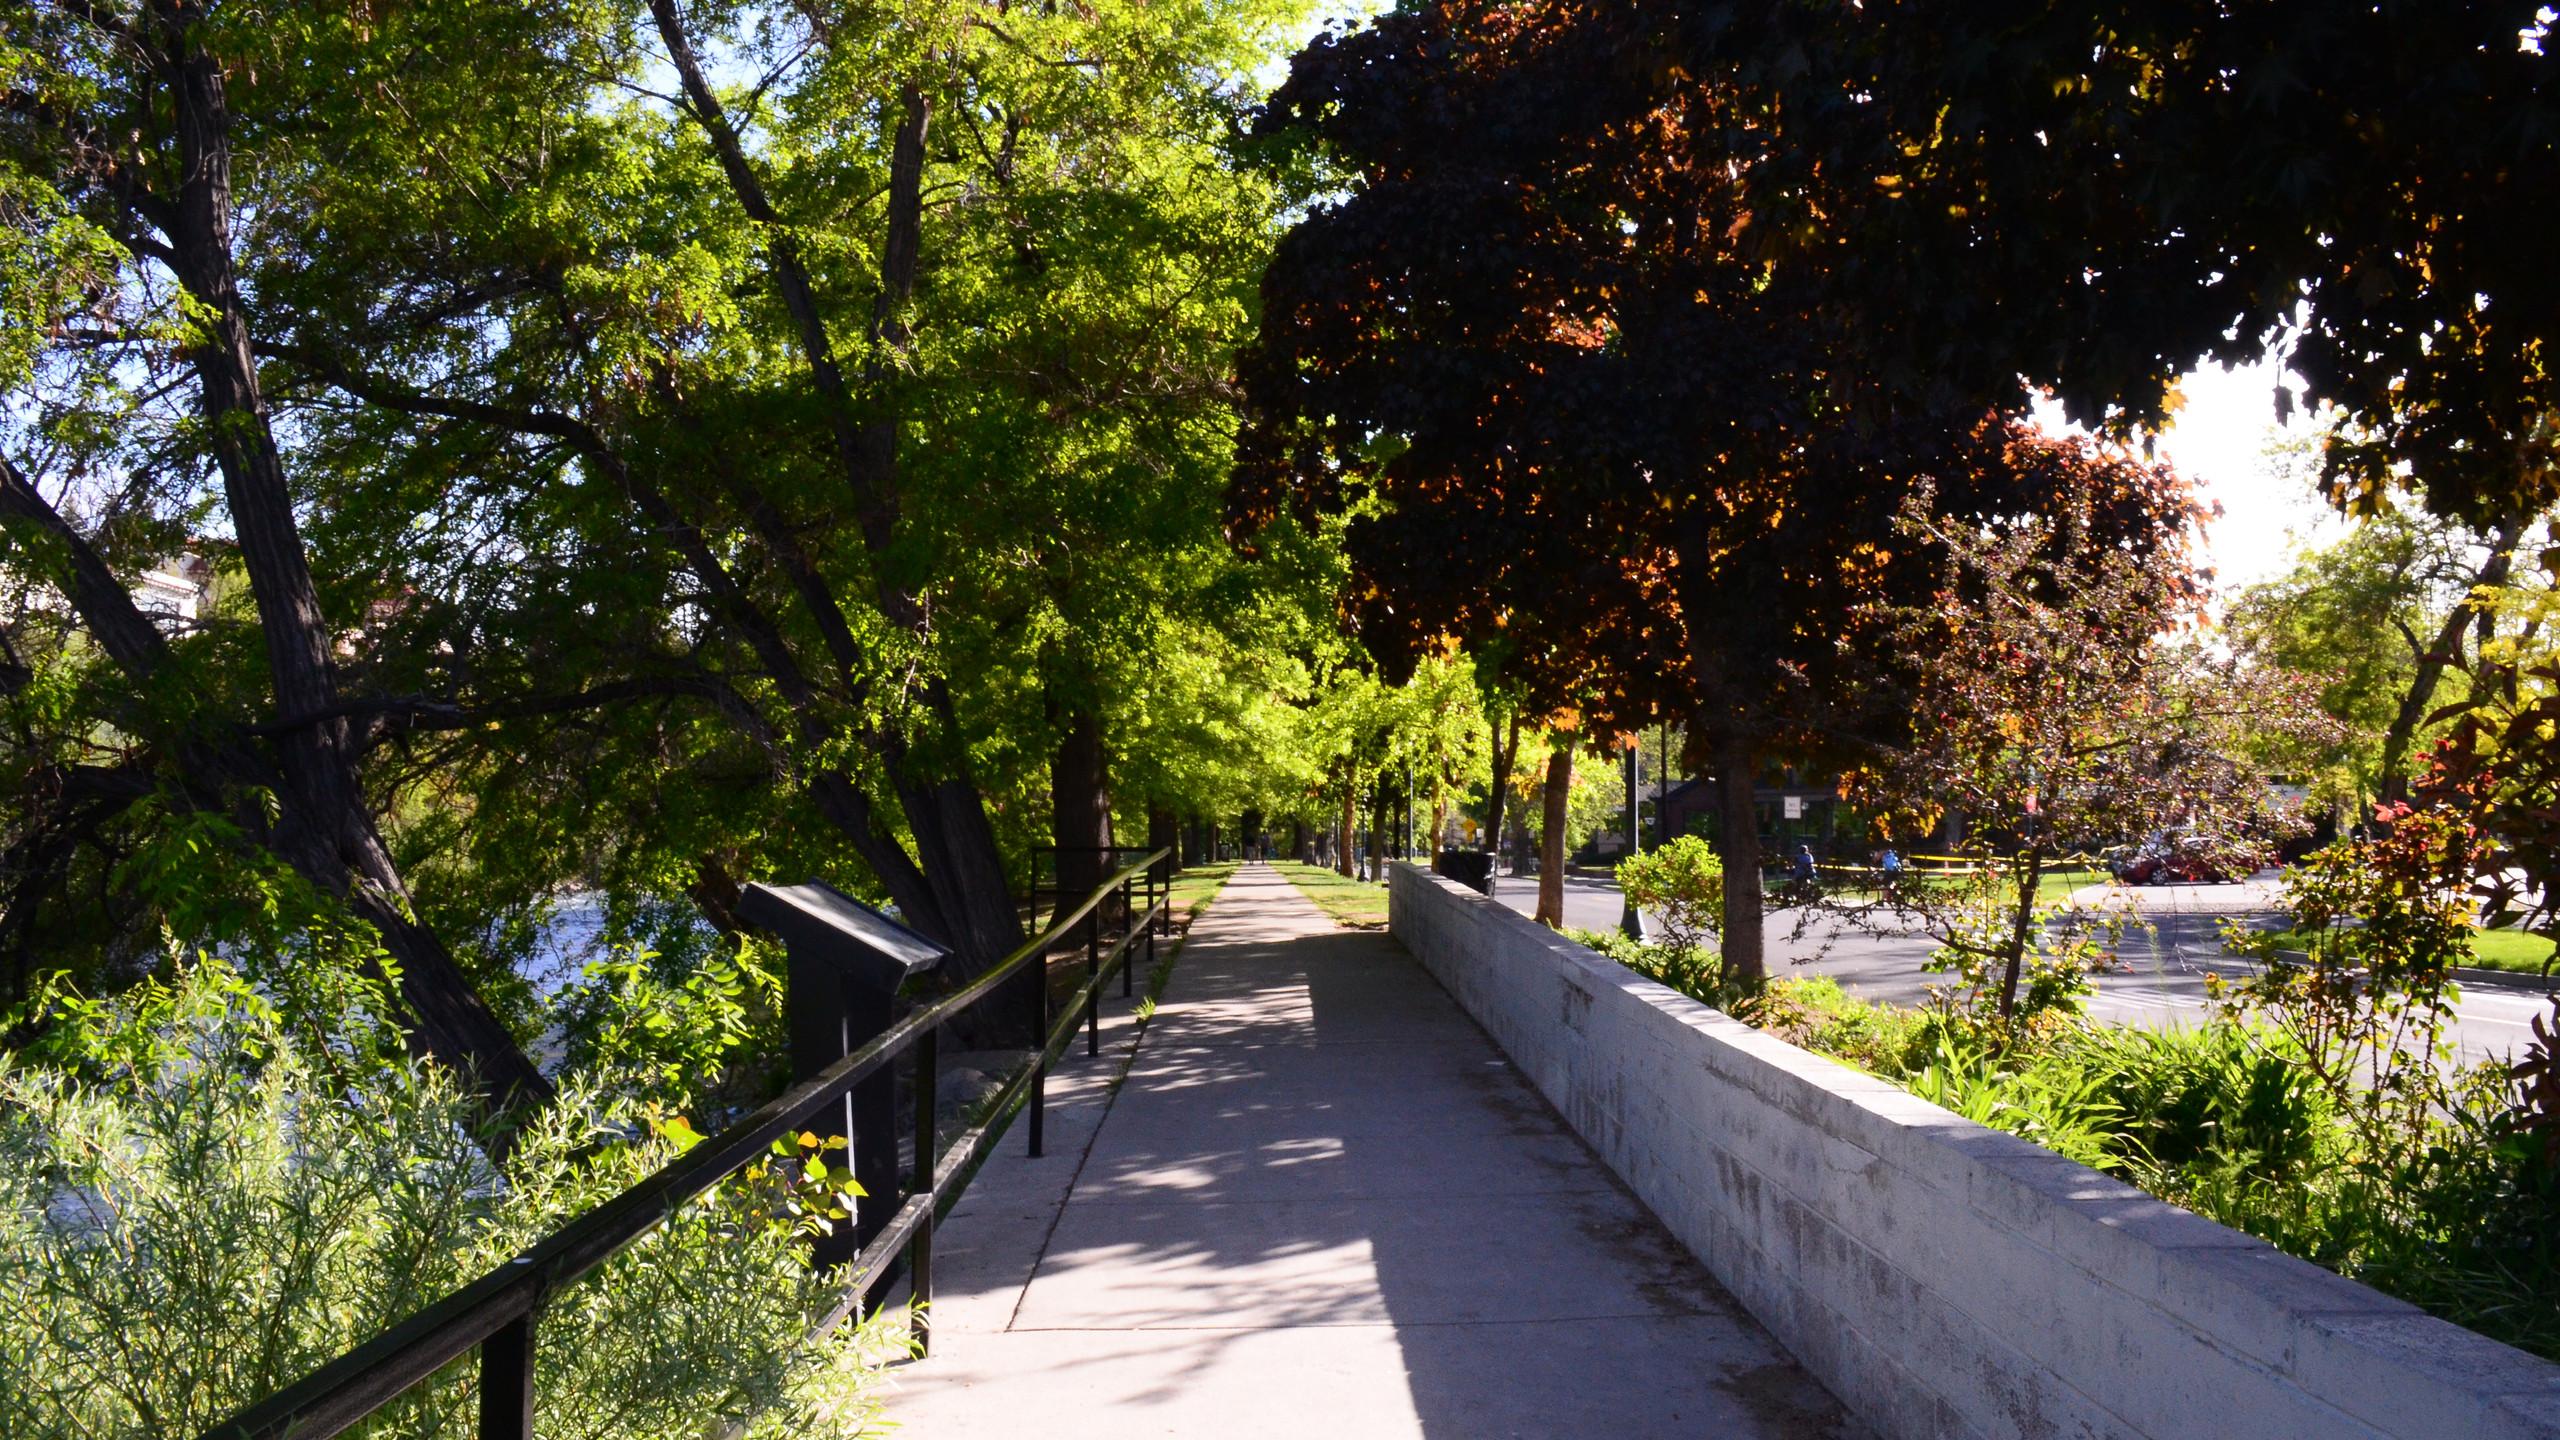 Downtown River Walk